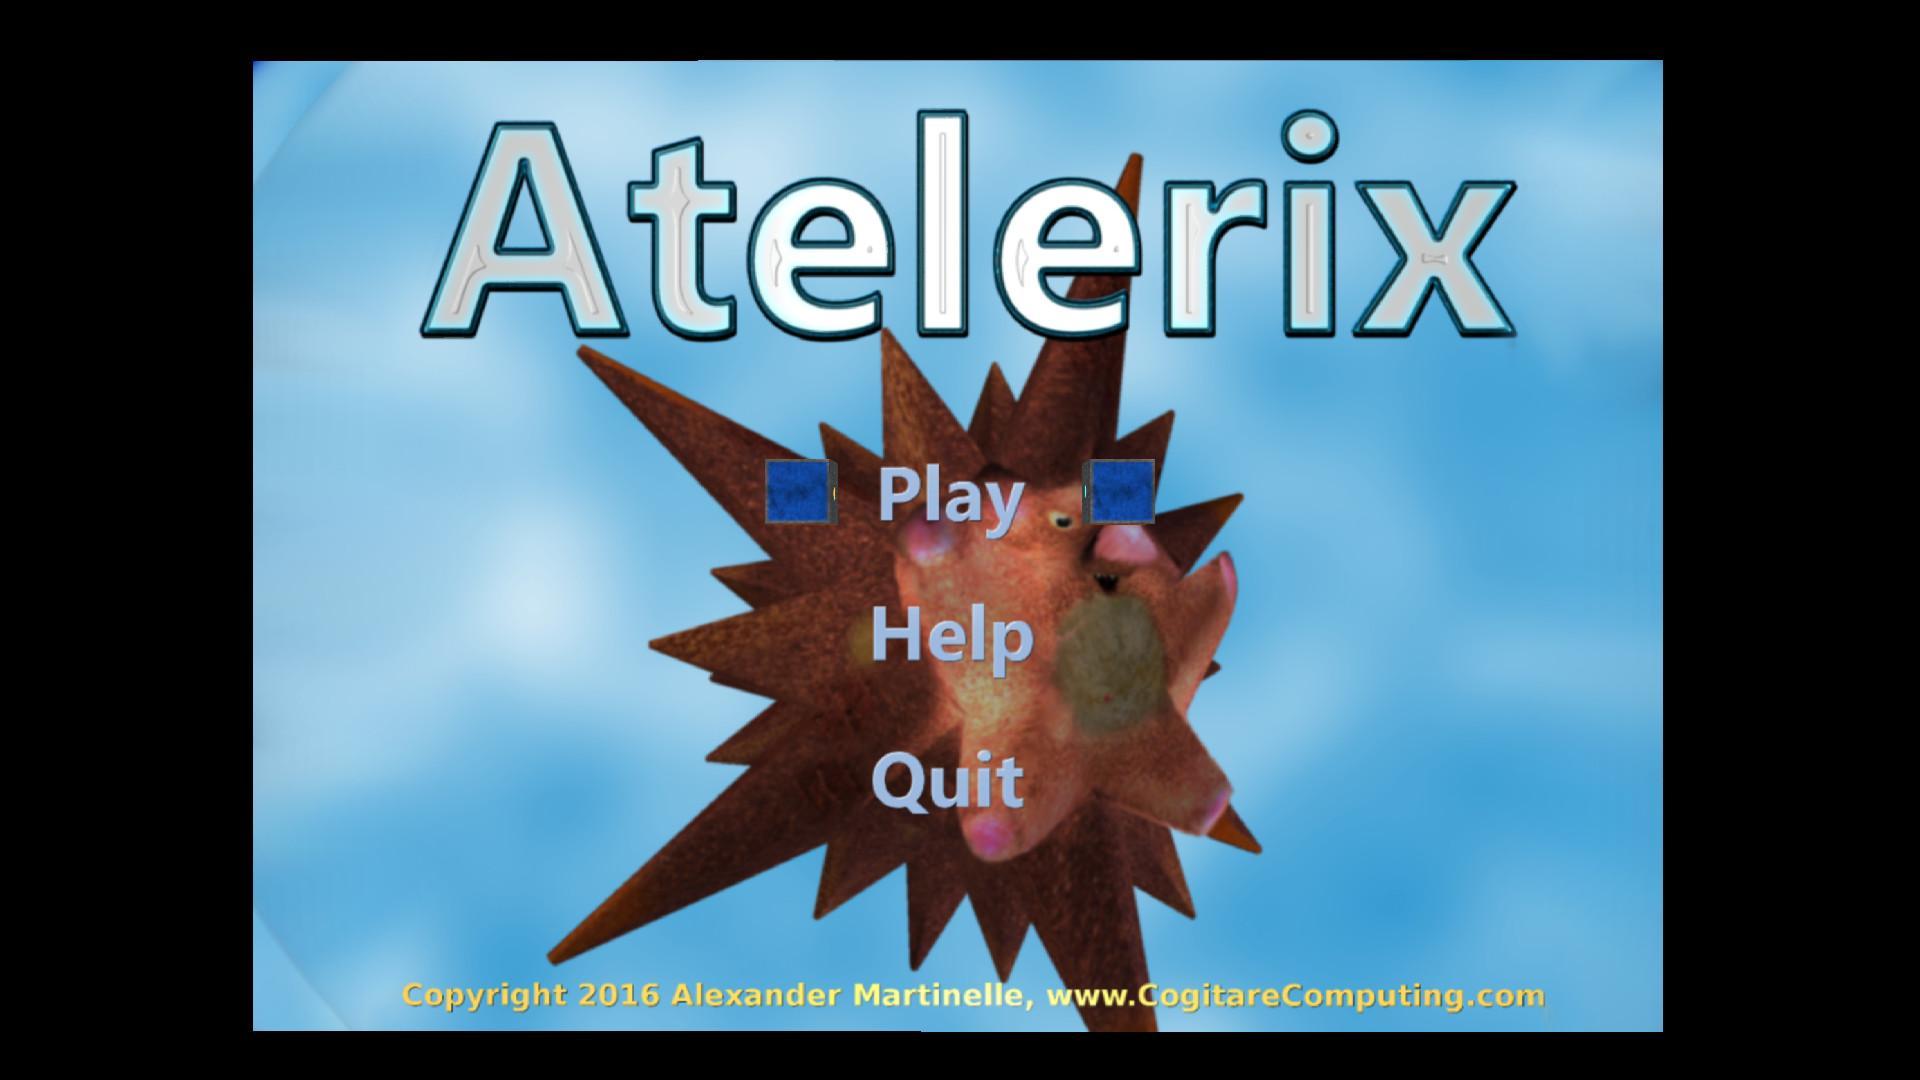 Screenshot of Atelerix